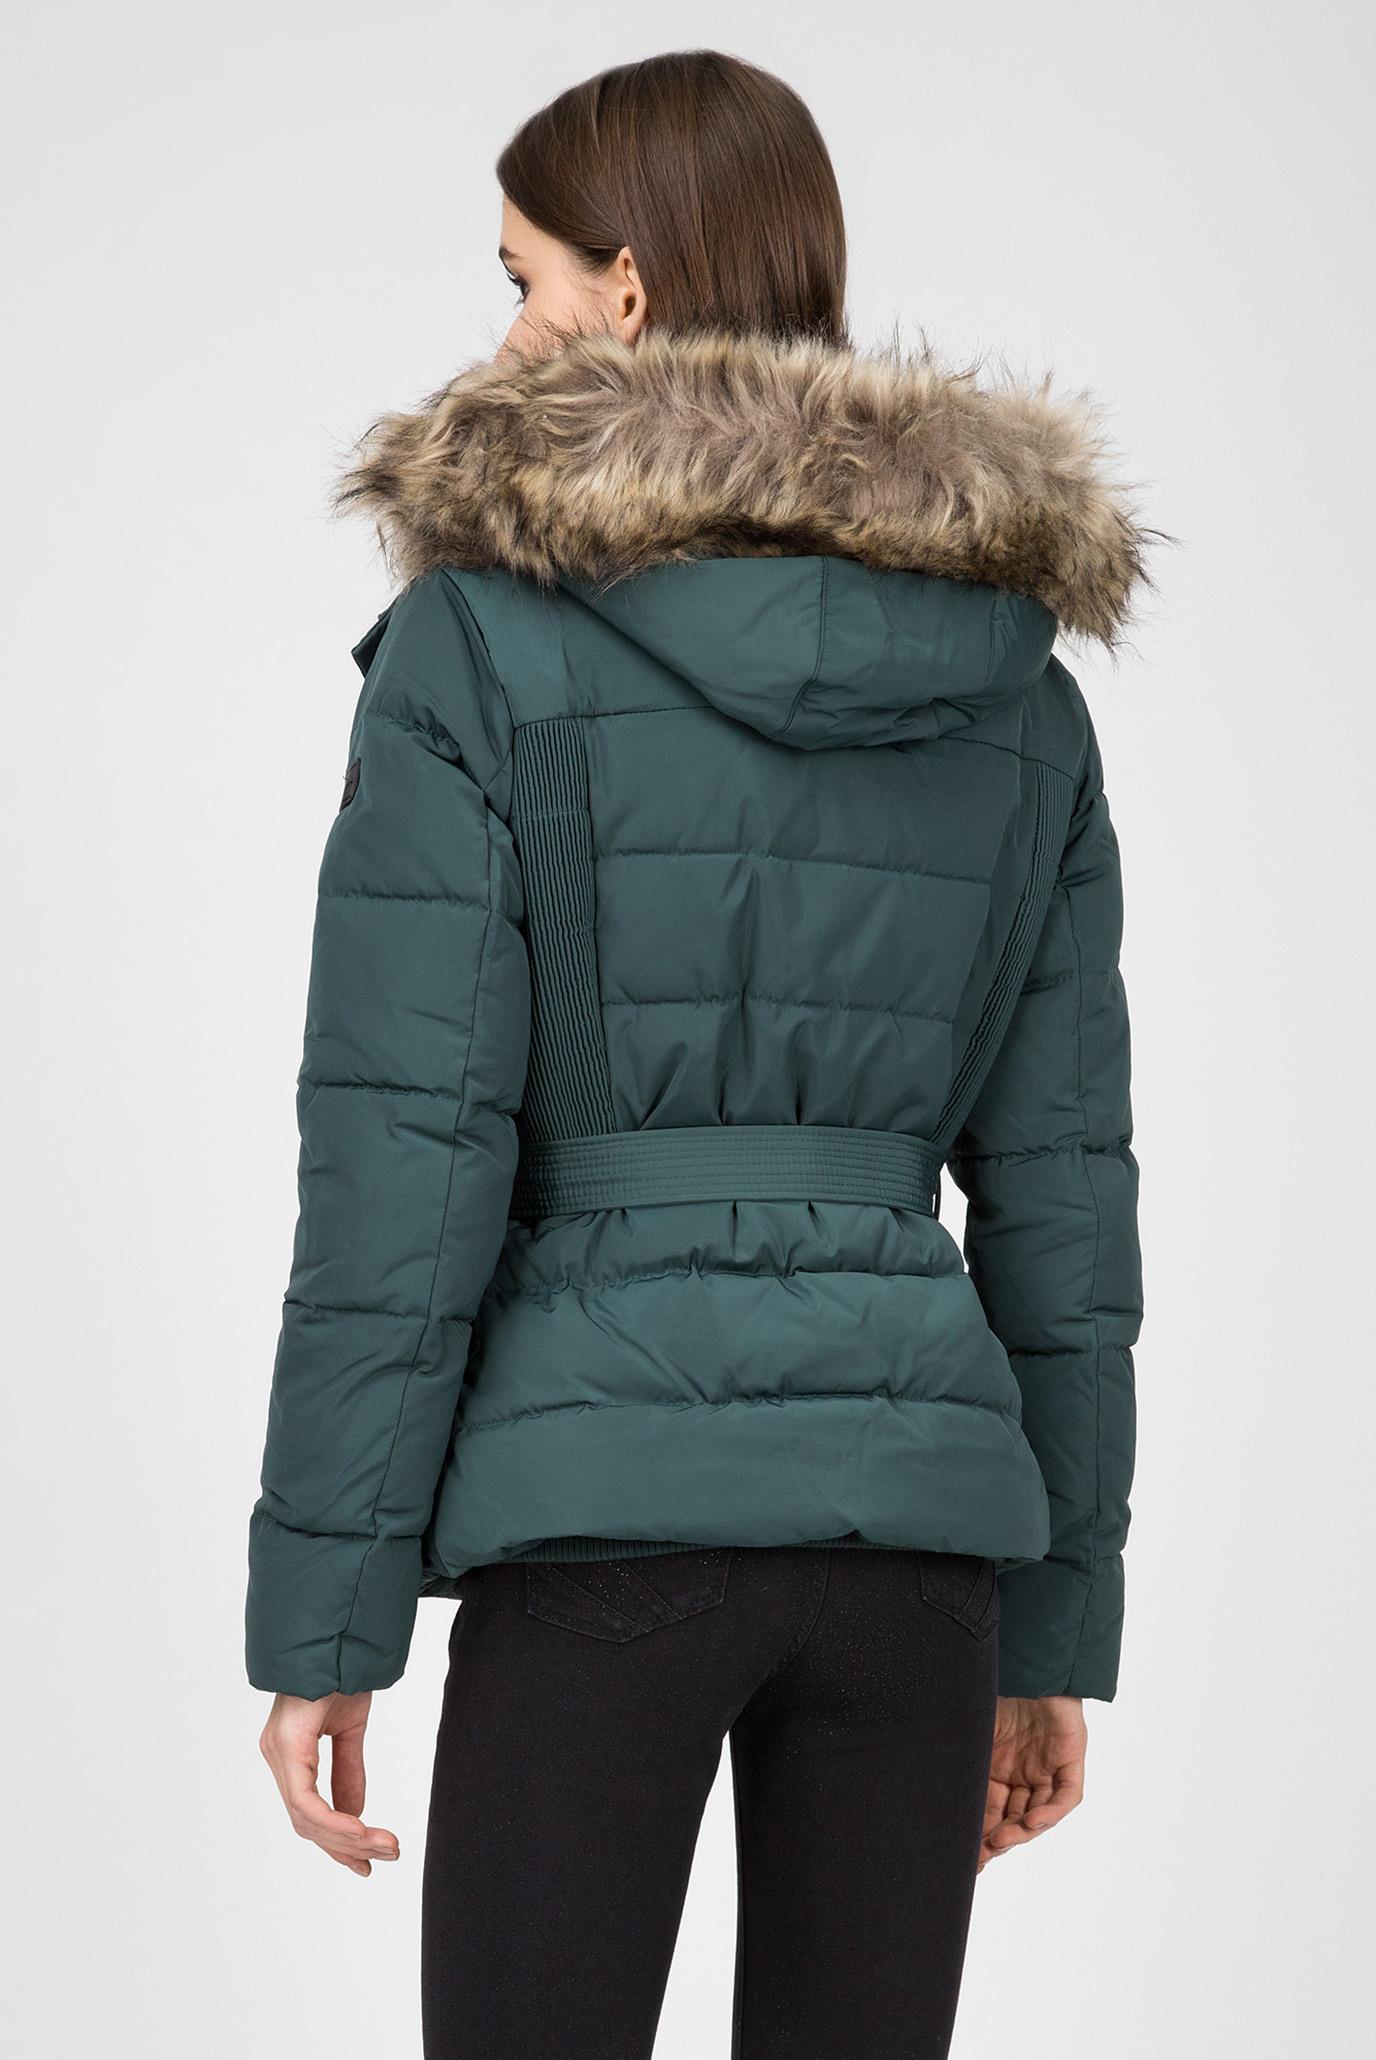 Купить Женский зеленый пуховик OLIVIA Pepe Jeans Pepe Jeans PL401548 – Киев, Украина. Цены в интернет магазине MD Fashion